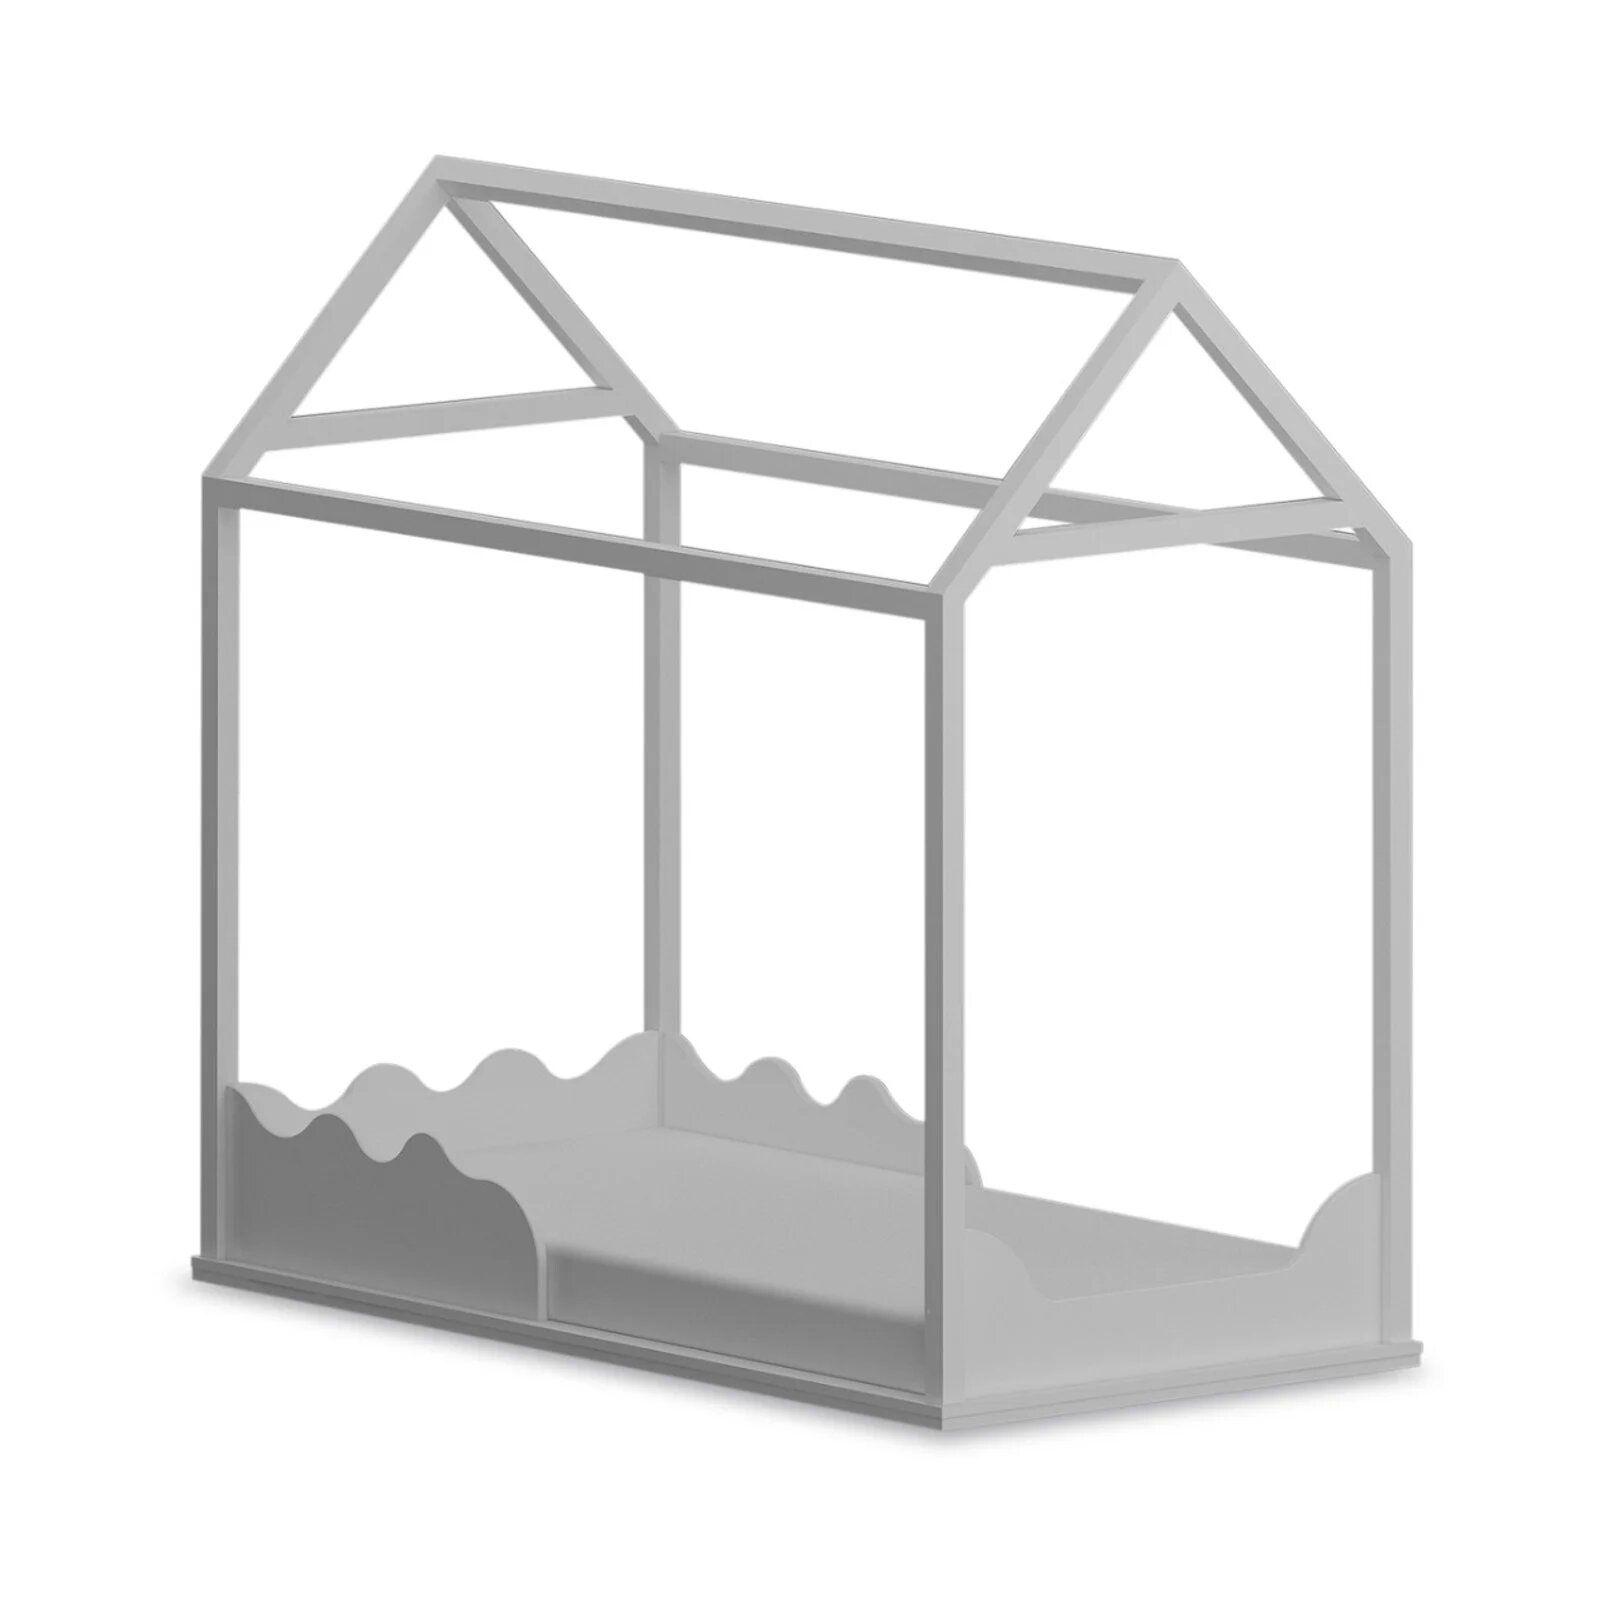 Cama Infantil Montessoriana - coleção Casinha branca